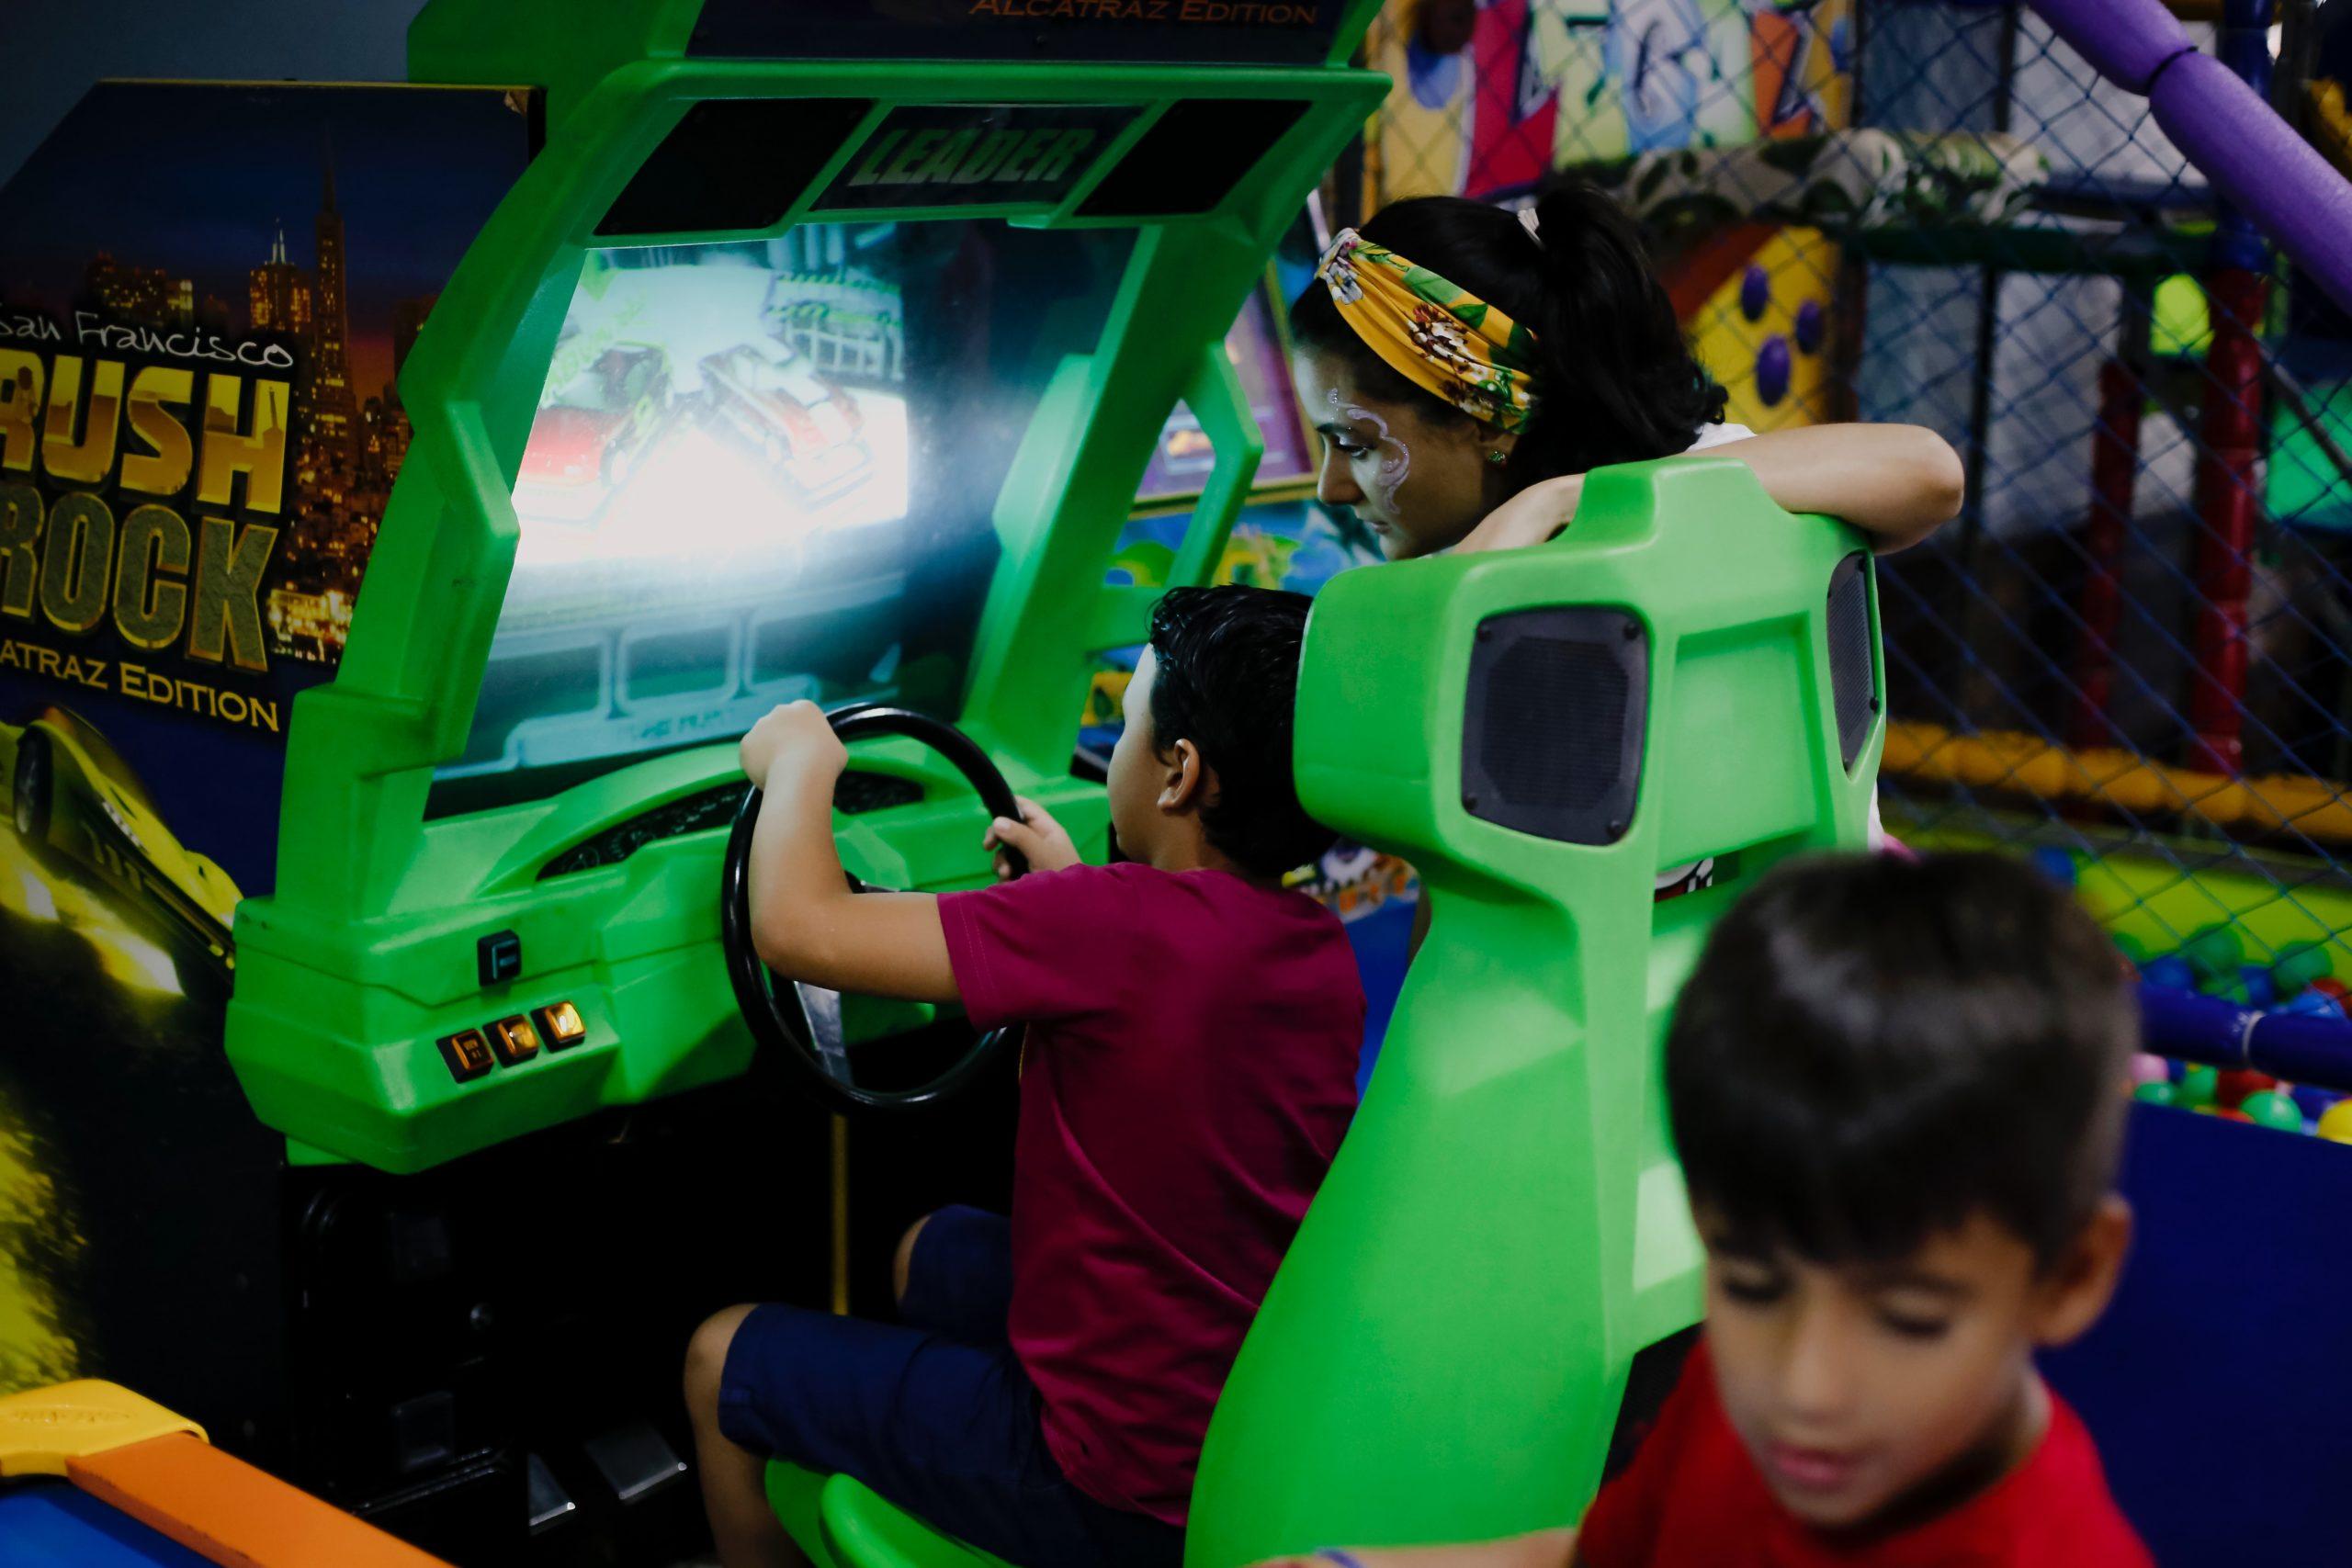 10 המכוניות החשמליות/ממונעות הטובות ביותר וגלגלי כוח לילדים